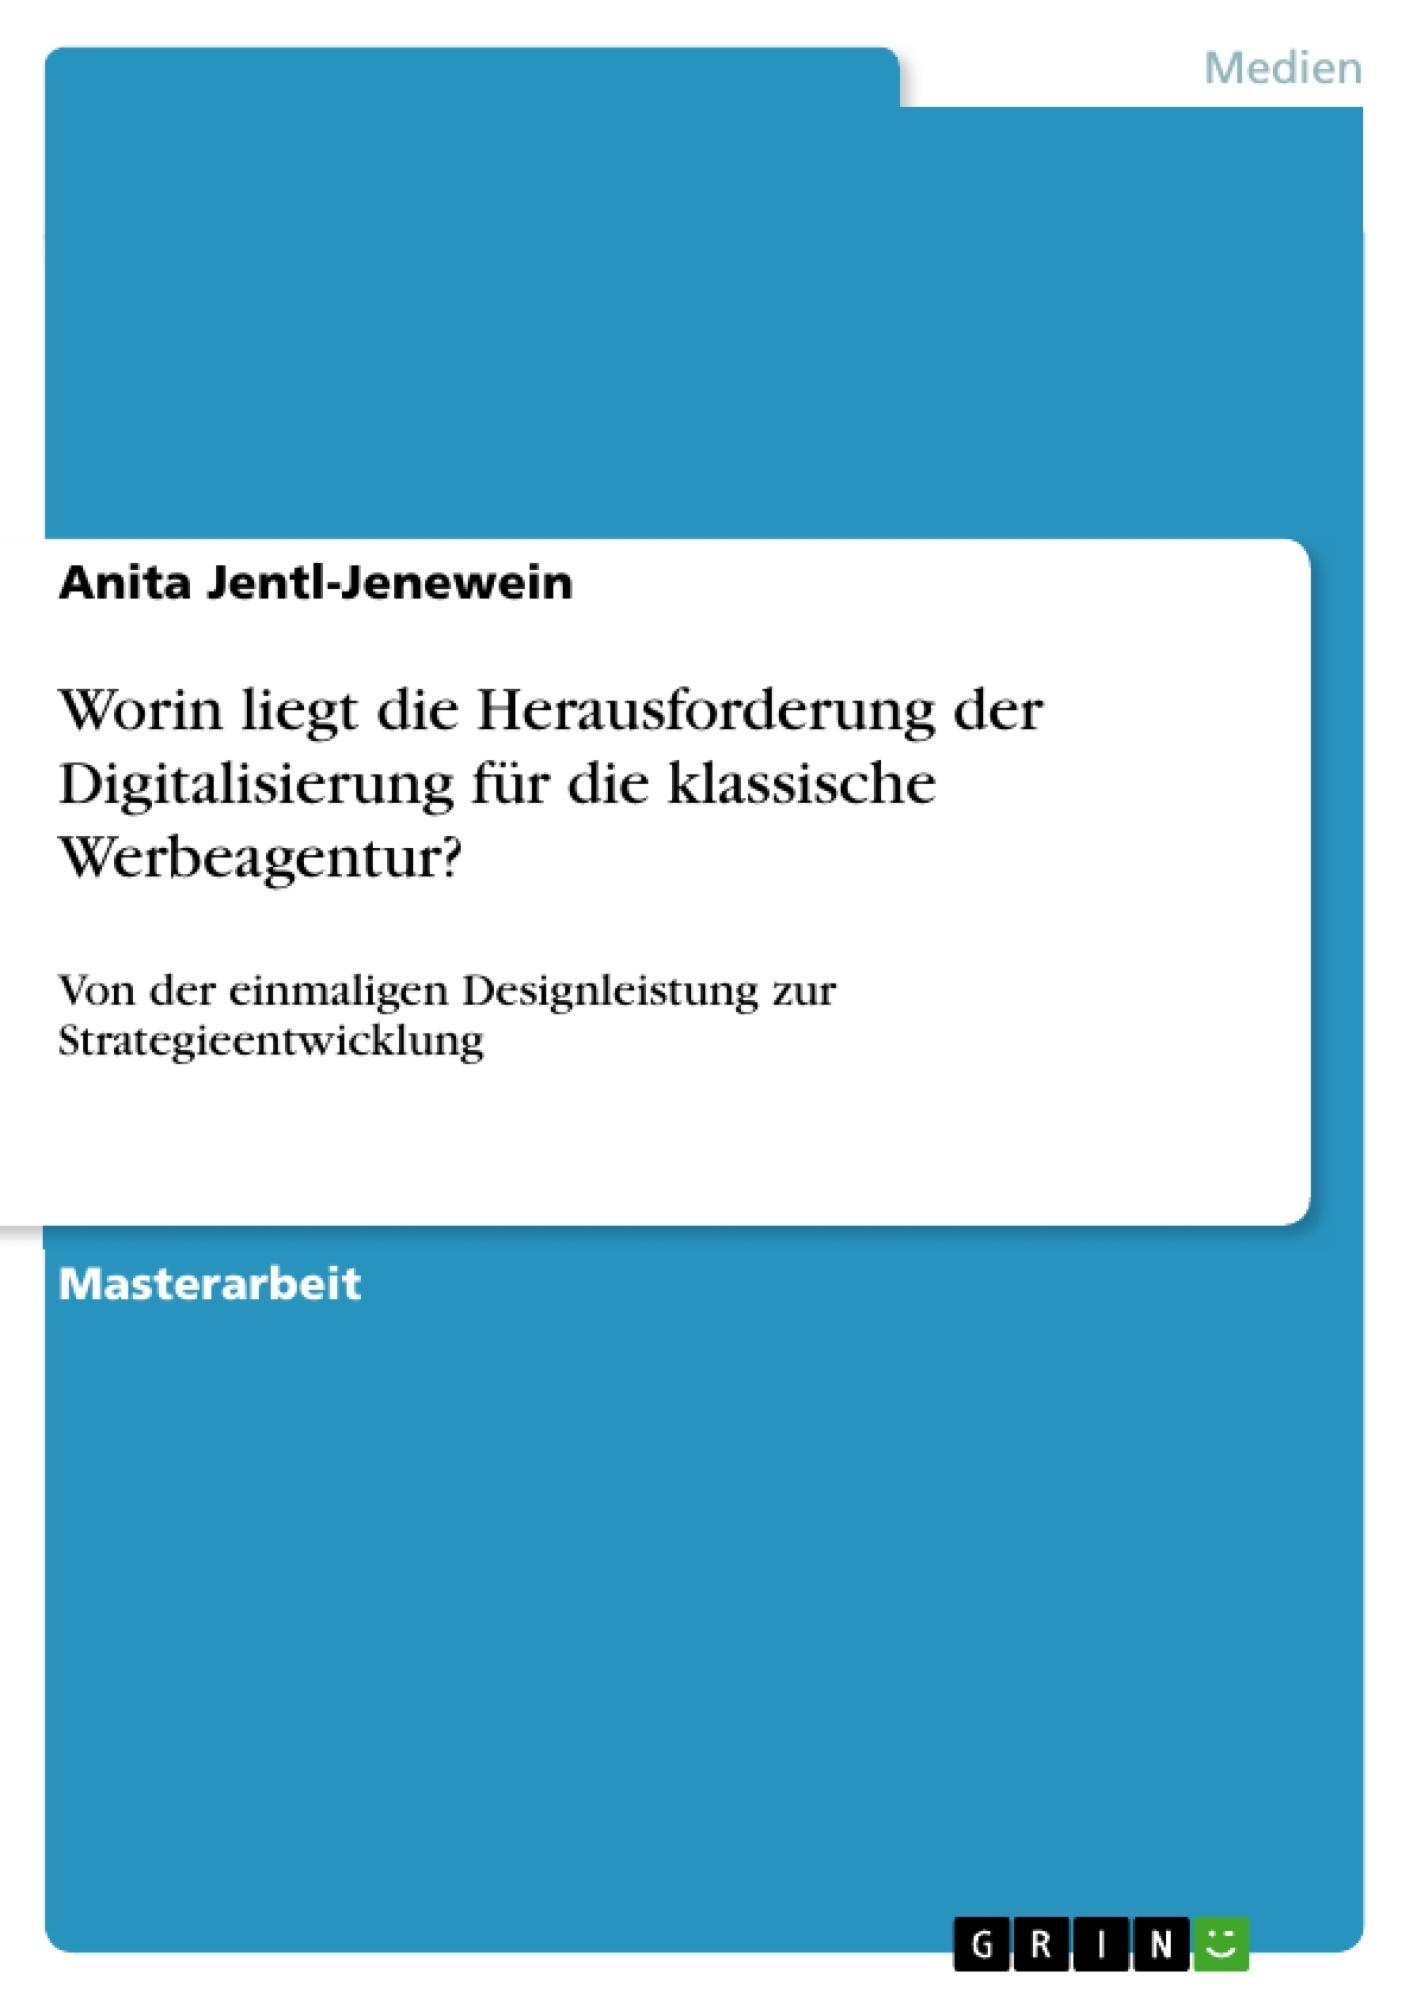 Titel: Worin liegt die Herausforderung der Digitalisierung für die klassische Werbeagentur?